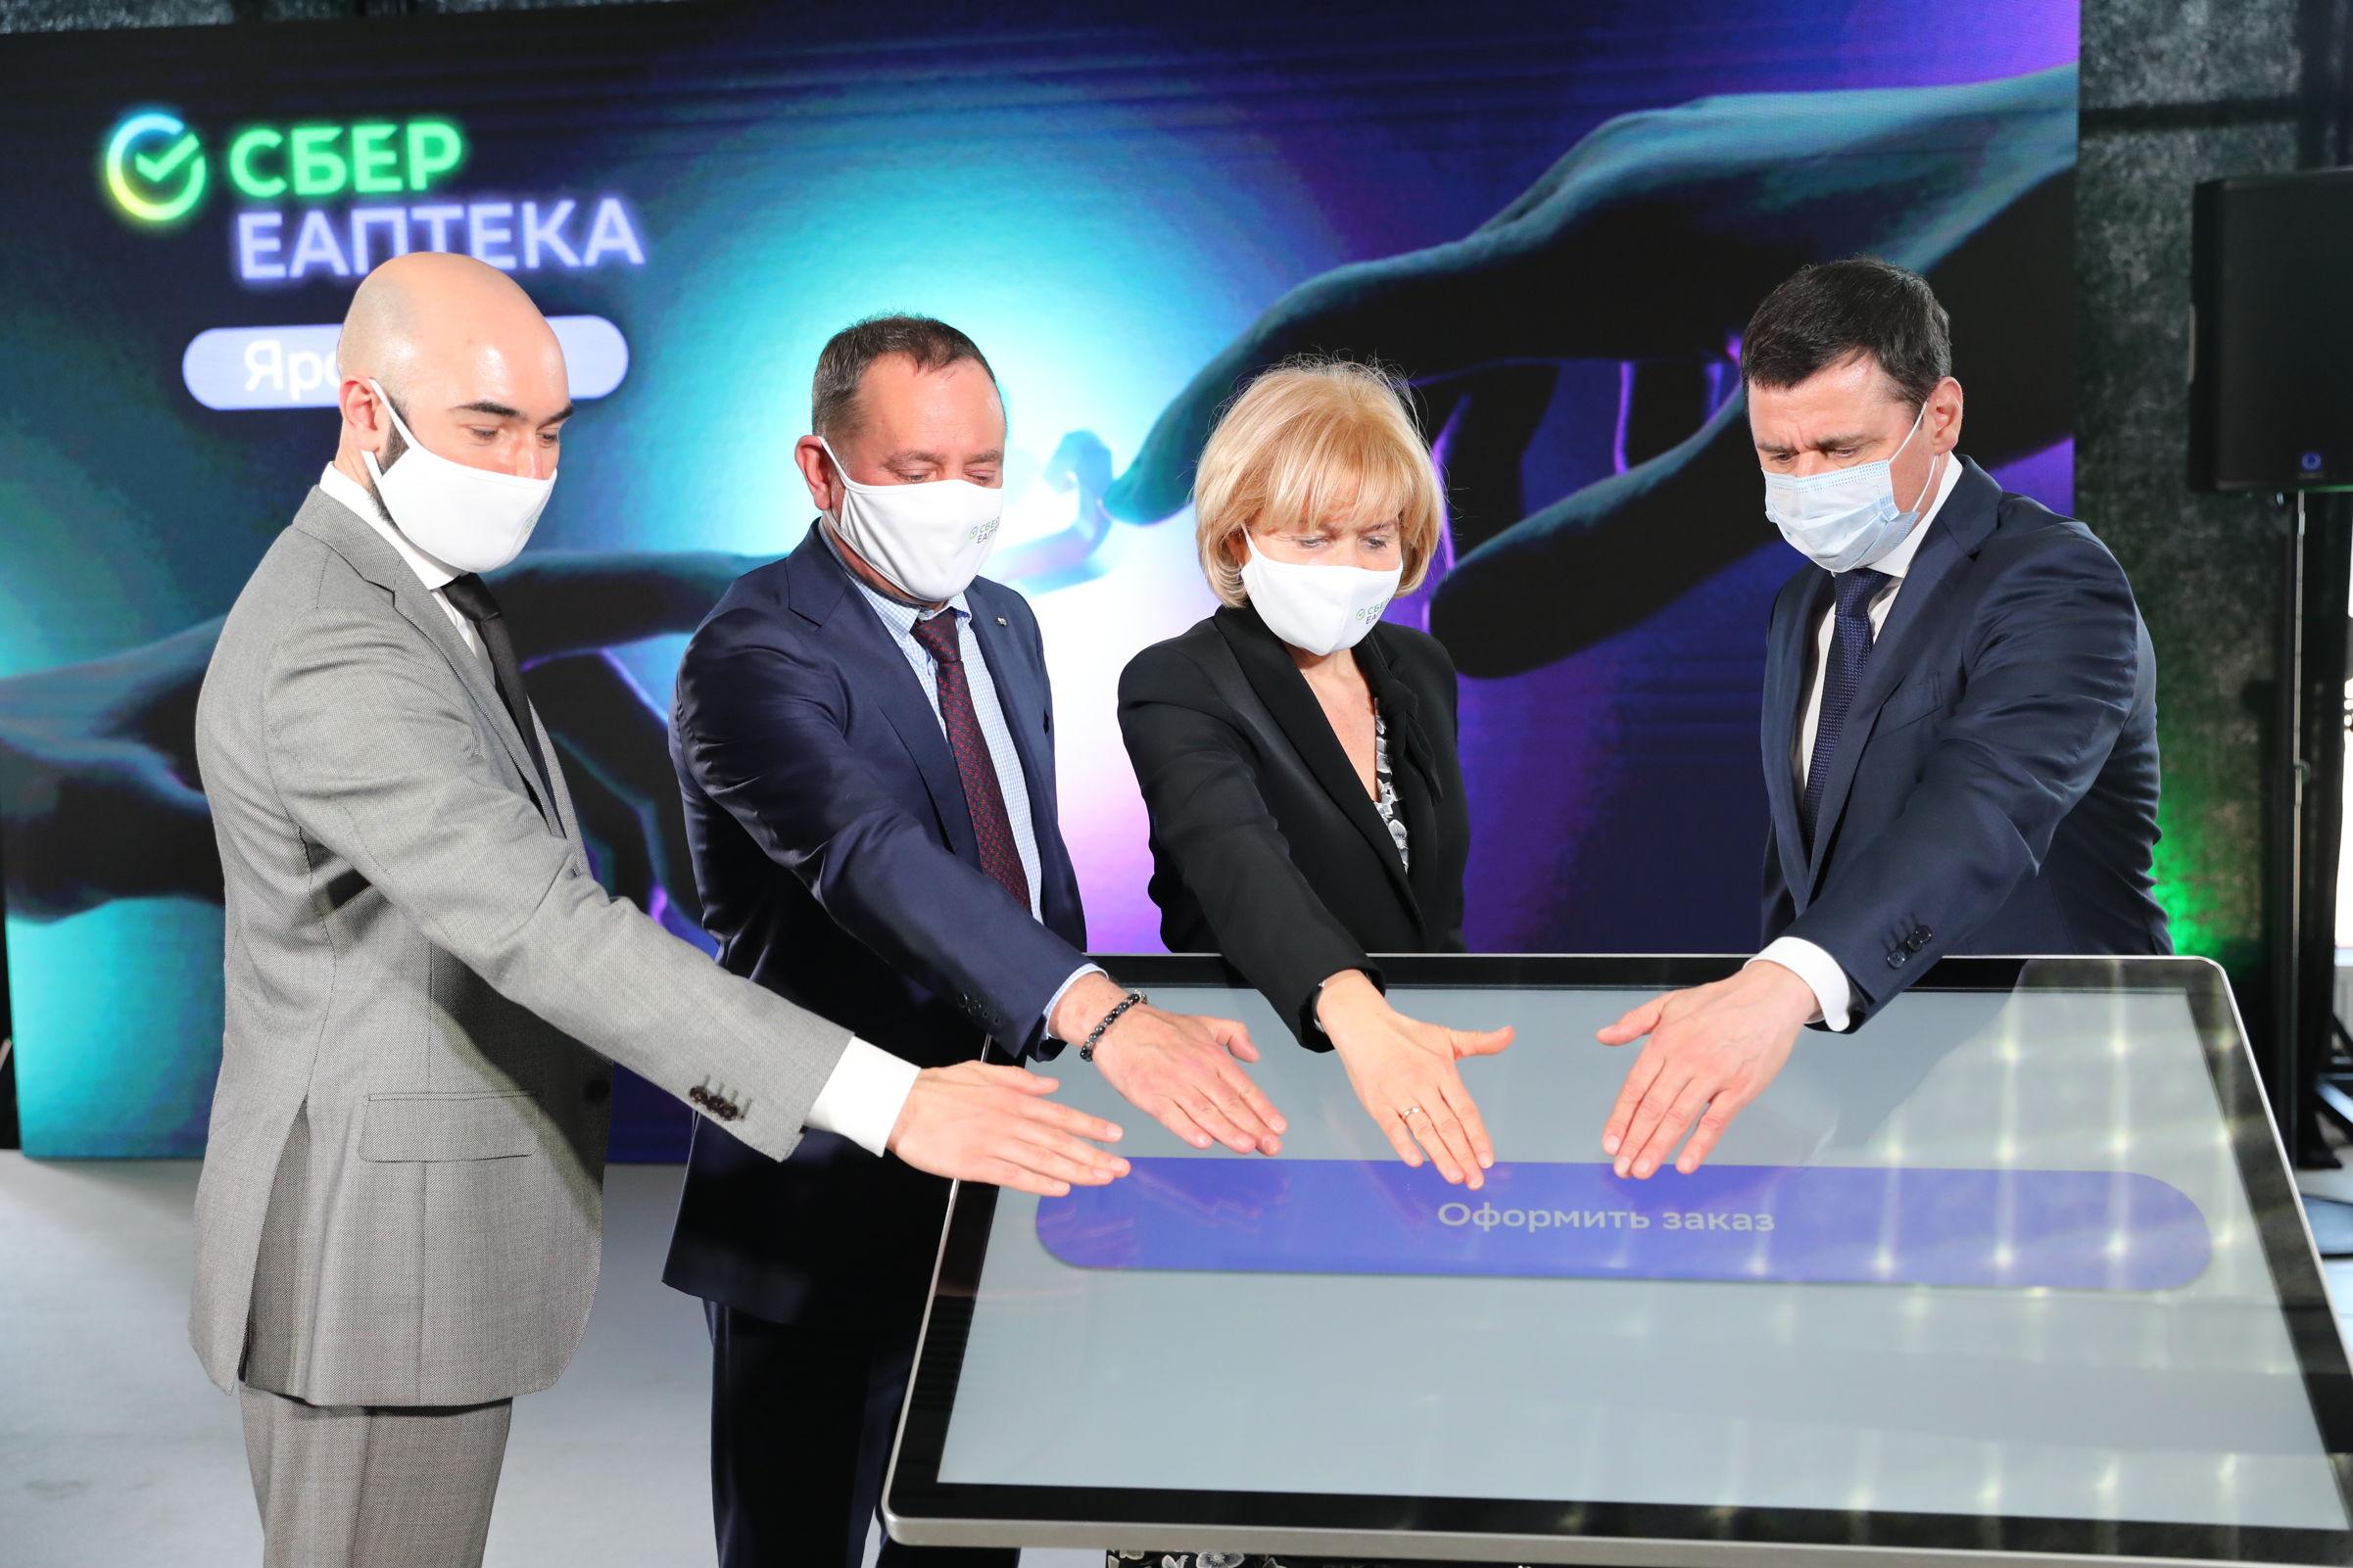 Дмитрий Миронов и Ольга Голодец обсудили перспективы внедрения цифровых технологий в системе здравоохранения